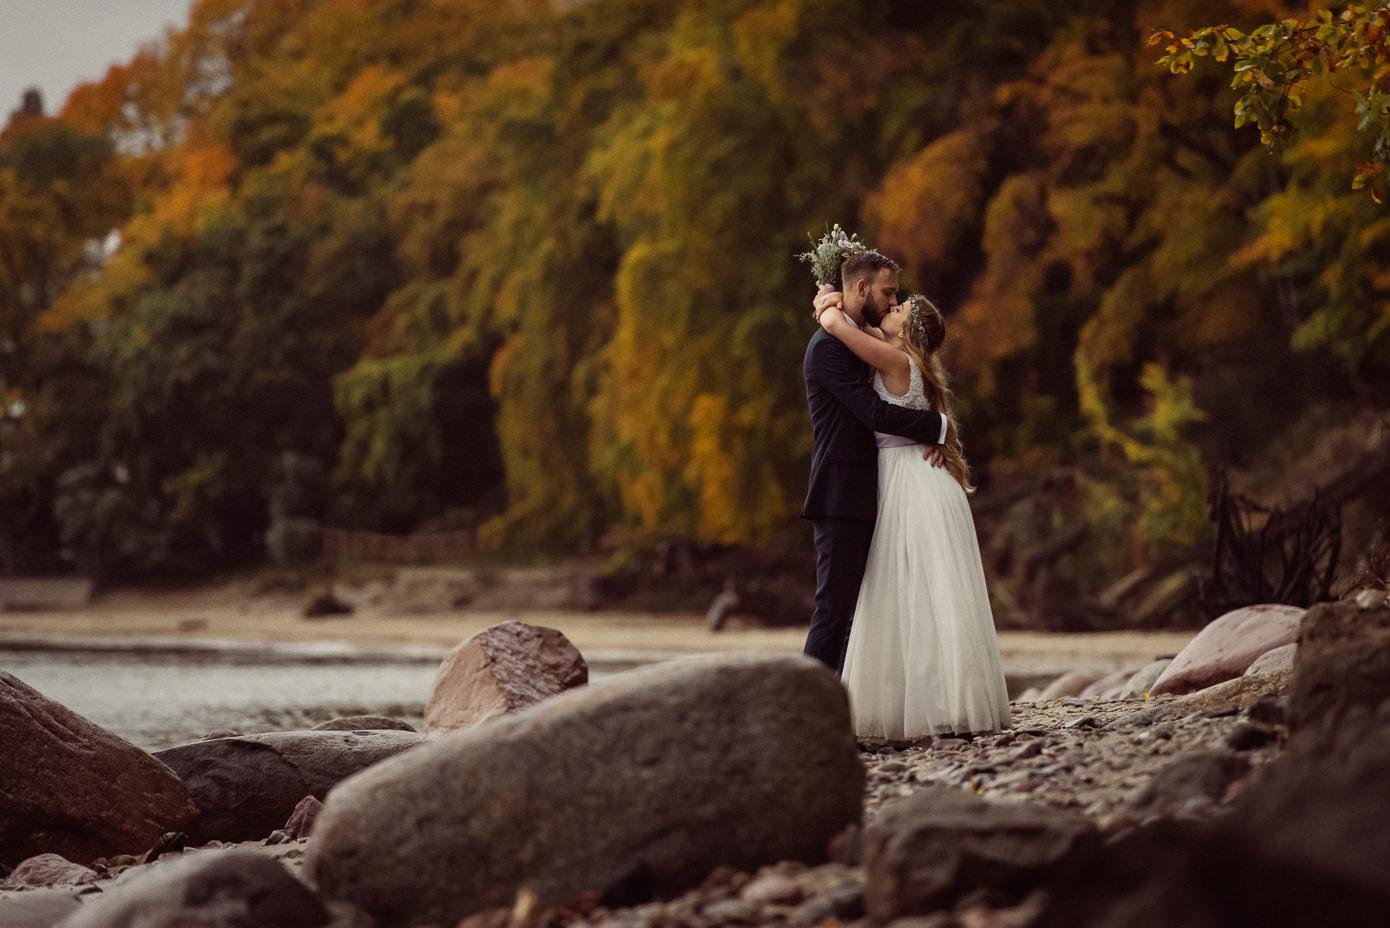 Fotografia Ślubna Trójmiasto wymarzone zdjęcia ślubne pełne emocji